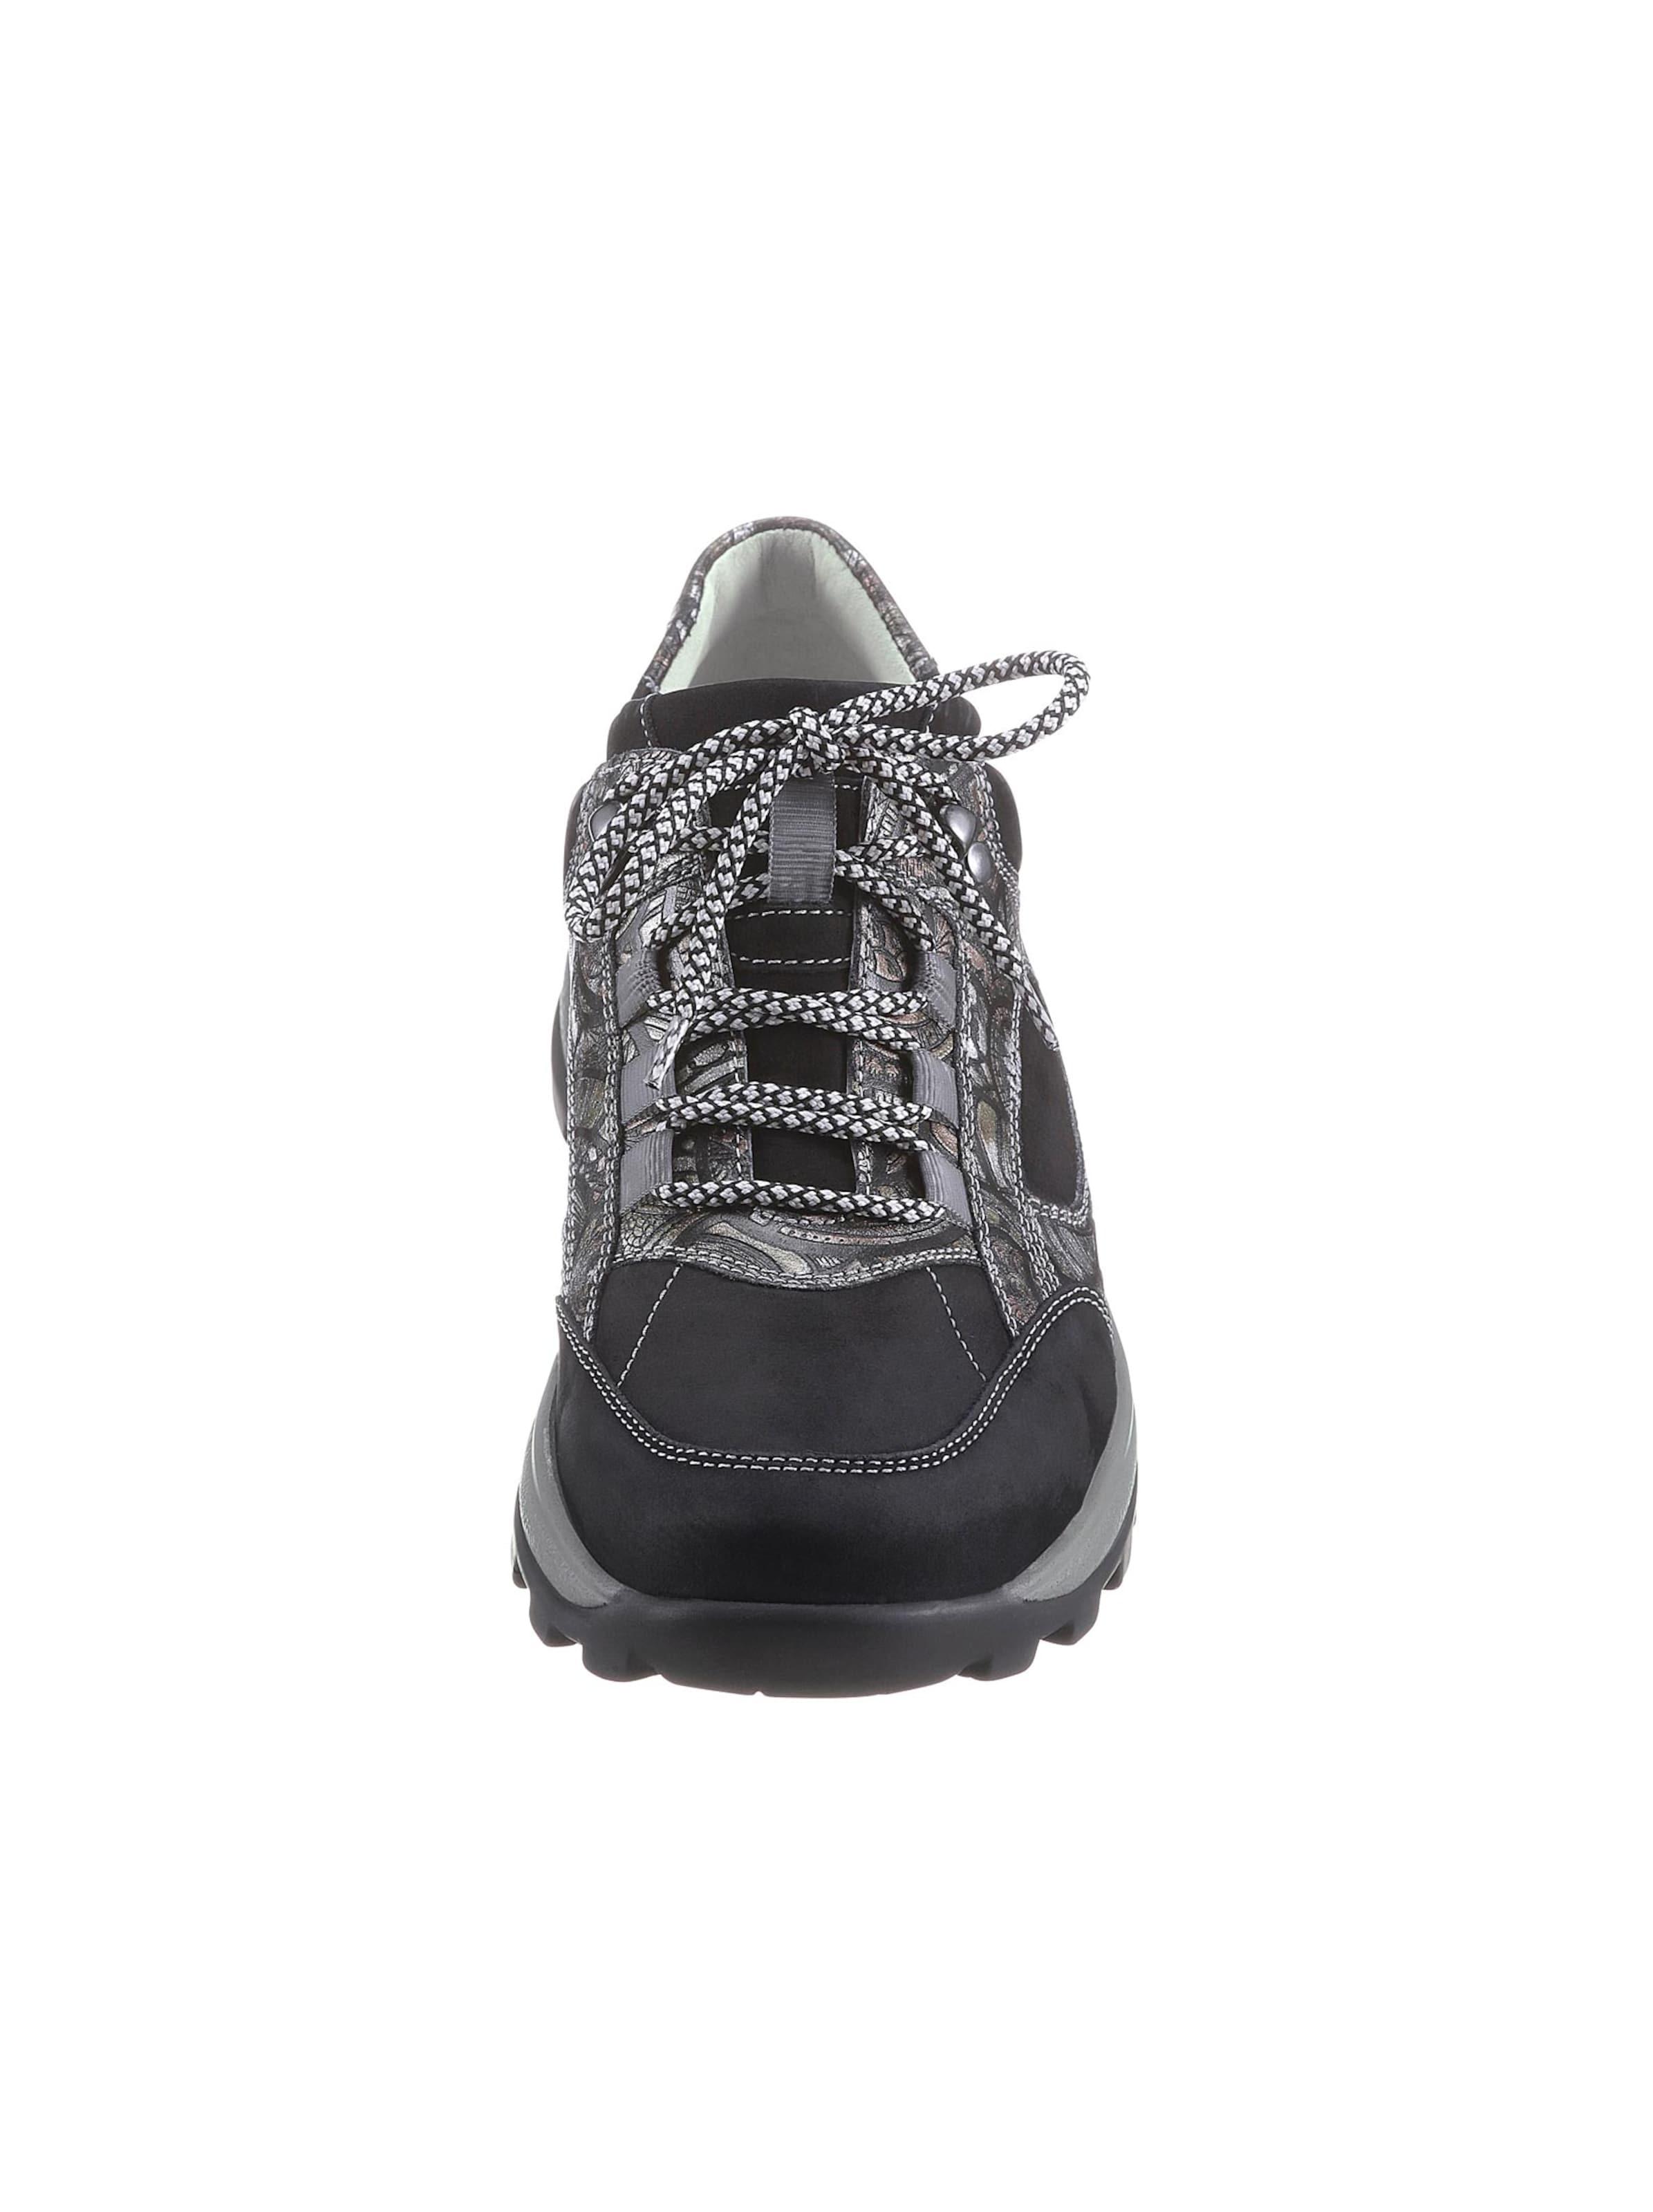 waldläufer - Witt Weiden Damen Schnürschuh schwarz-gemustert